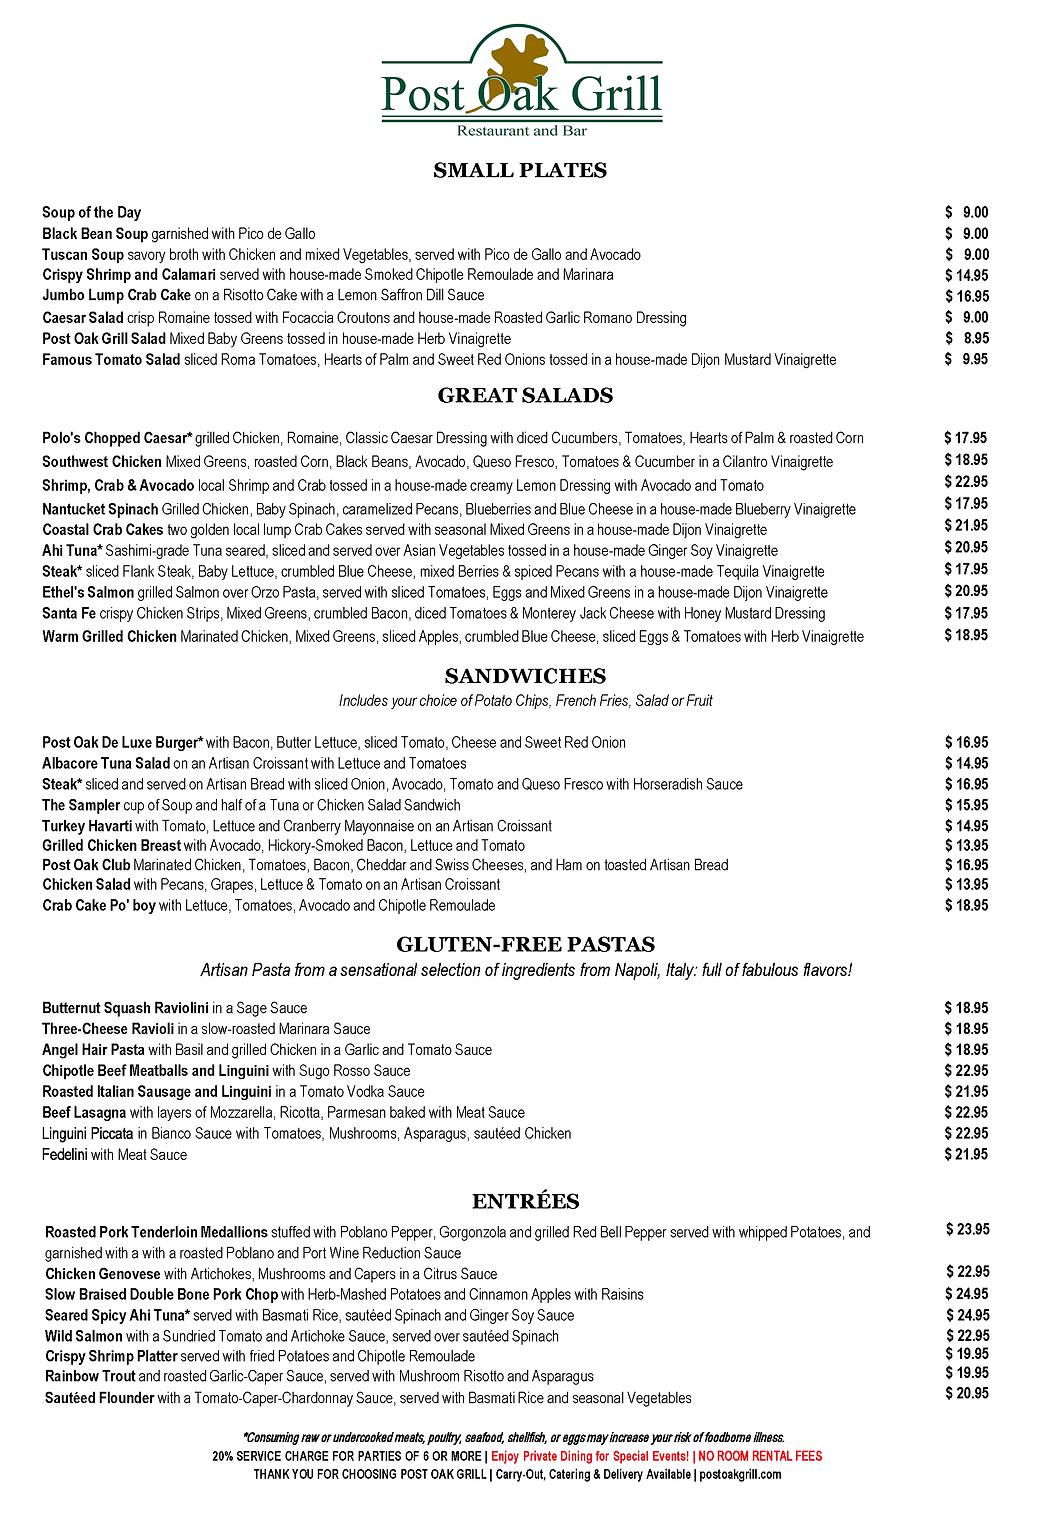 FINAL COPY Post Oak Grill October 2021  Lunch Menu 11 x 16 09 30 2021 2.40PM (1).png